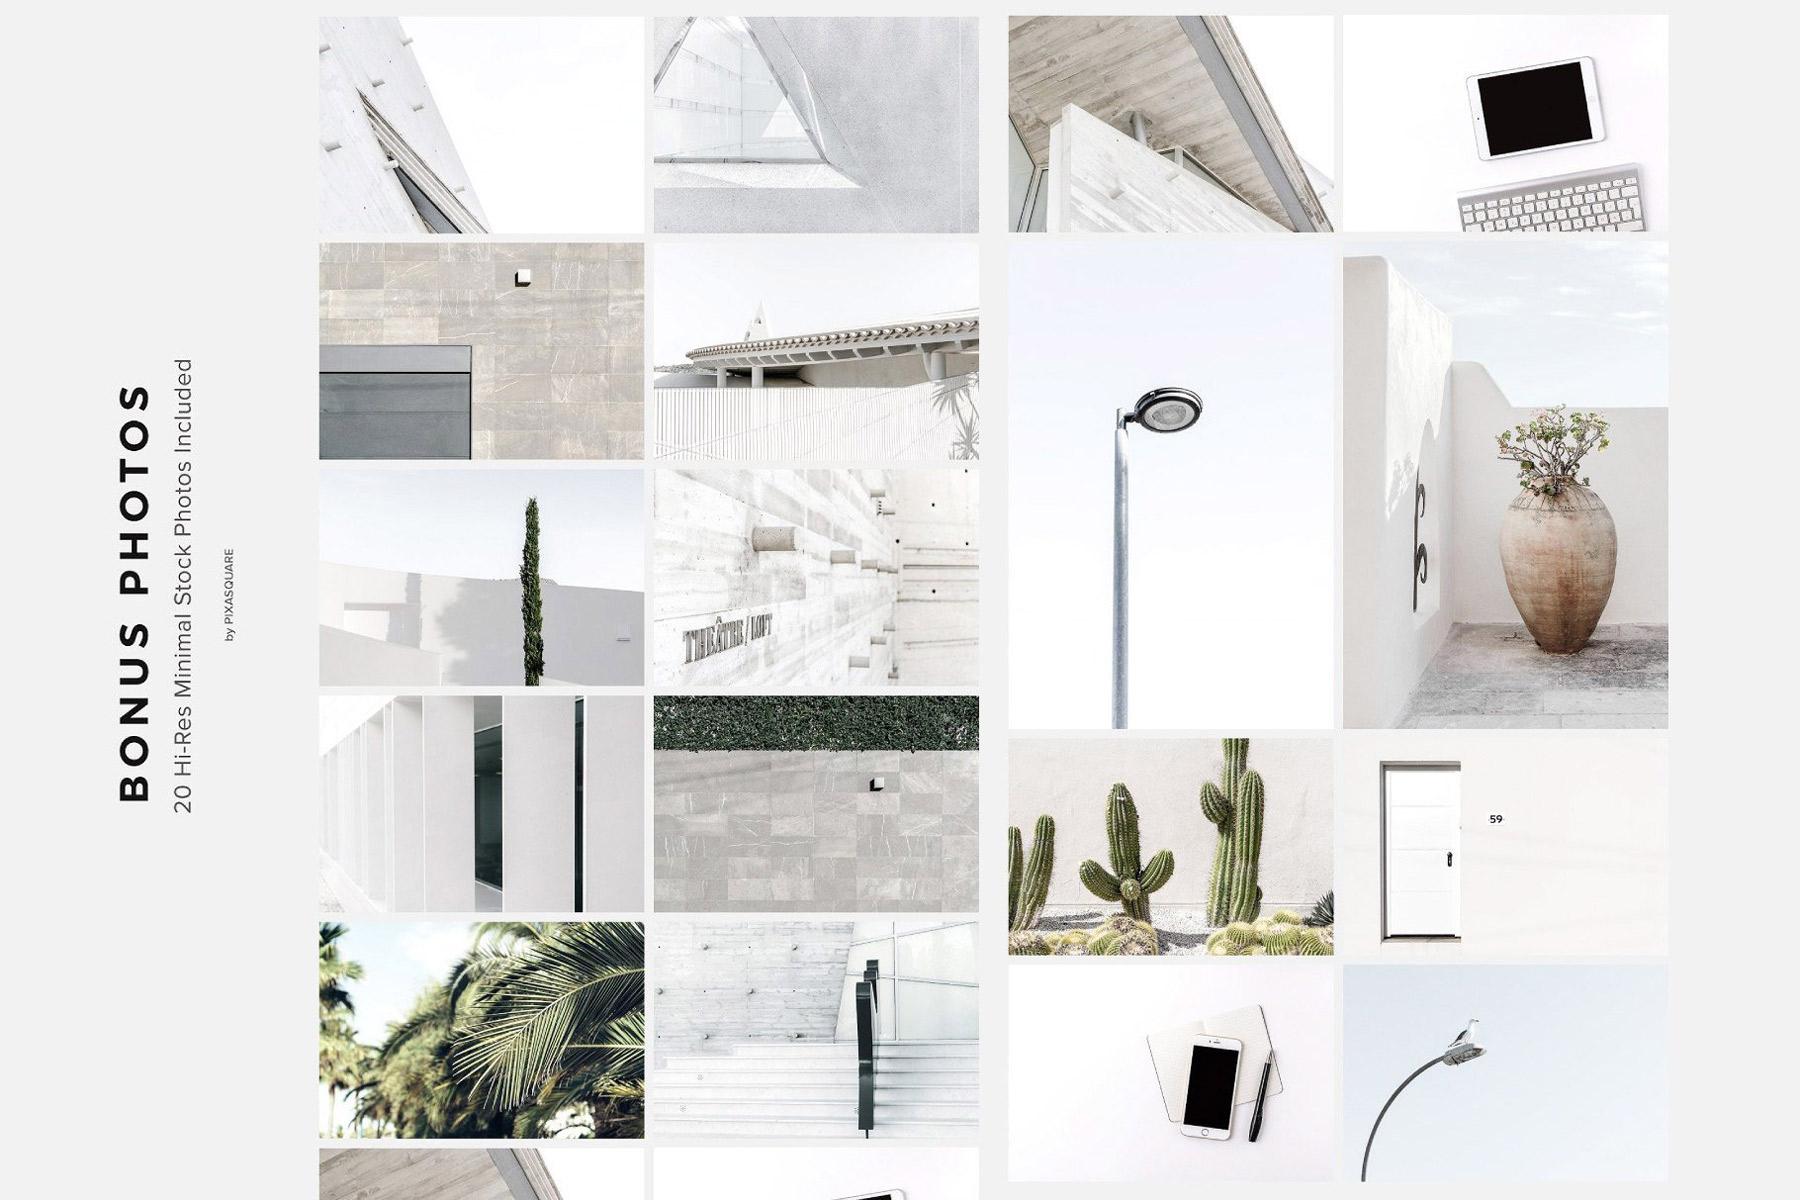 https://s3u.tmimgcdn.com/1658269-1543687076129_NORS_vertical_photos_overview_tm.jpg